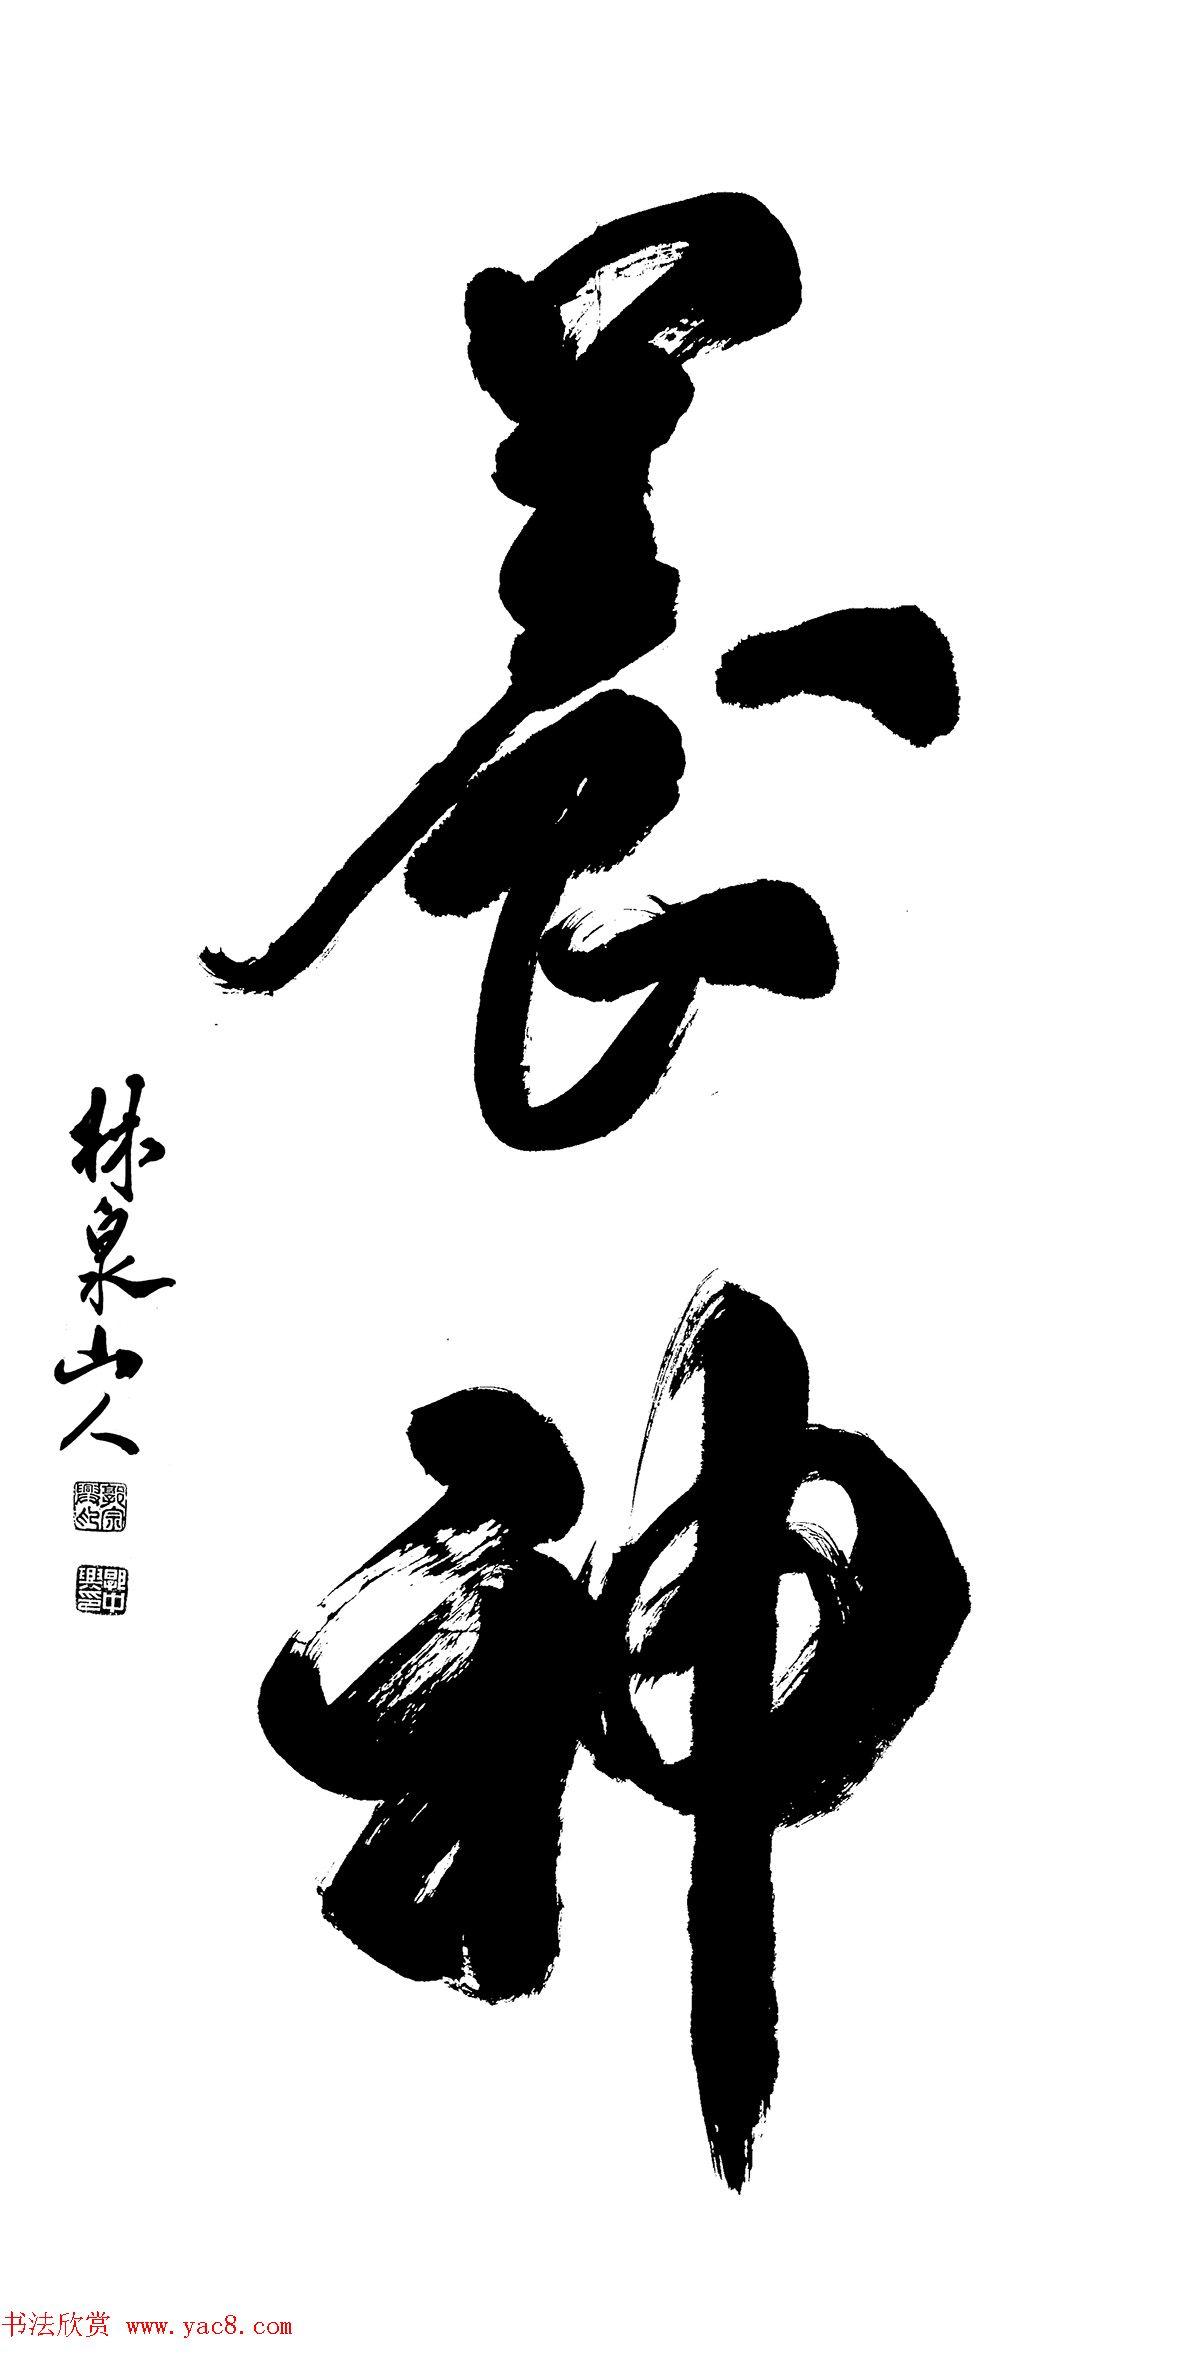 林泉山人郭中兴榜书作品选刊